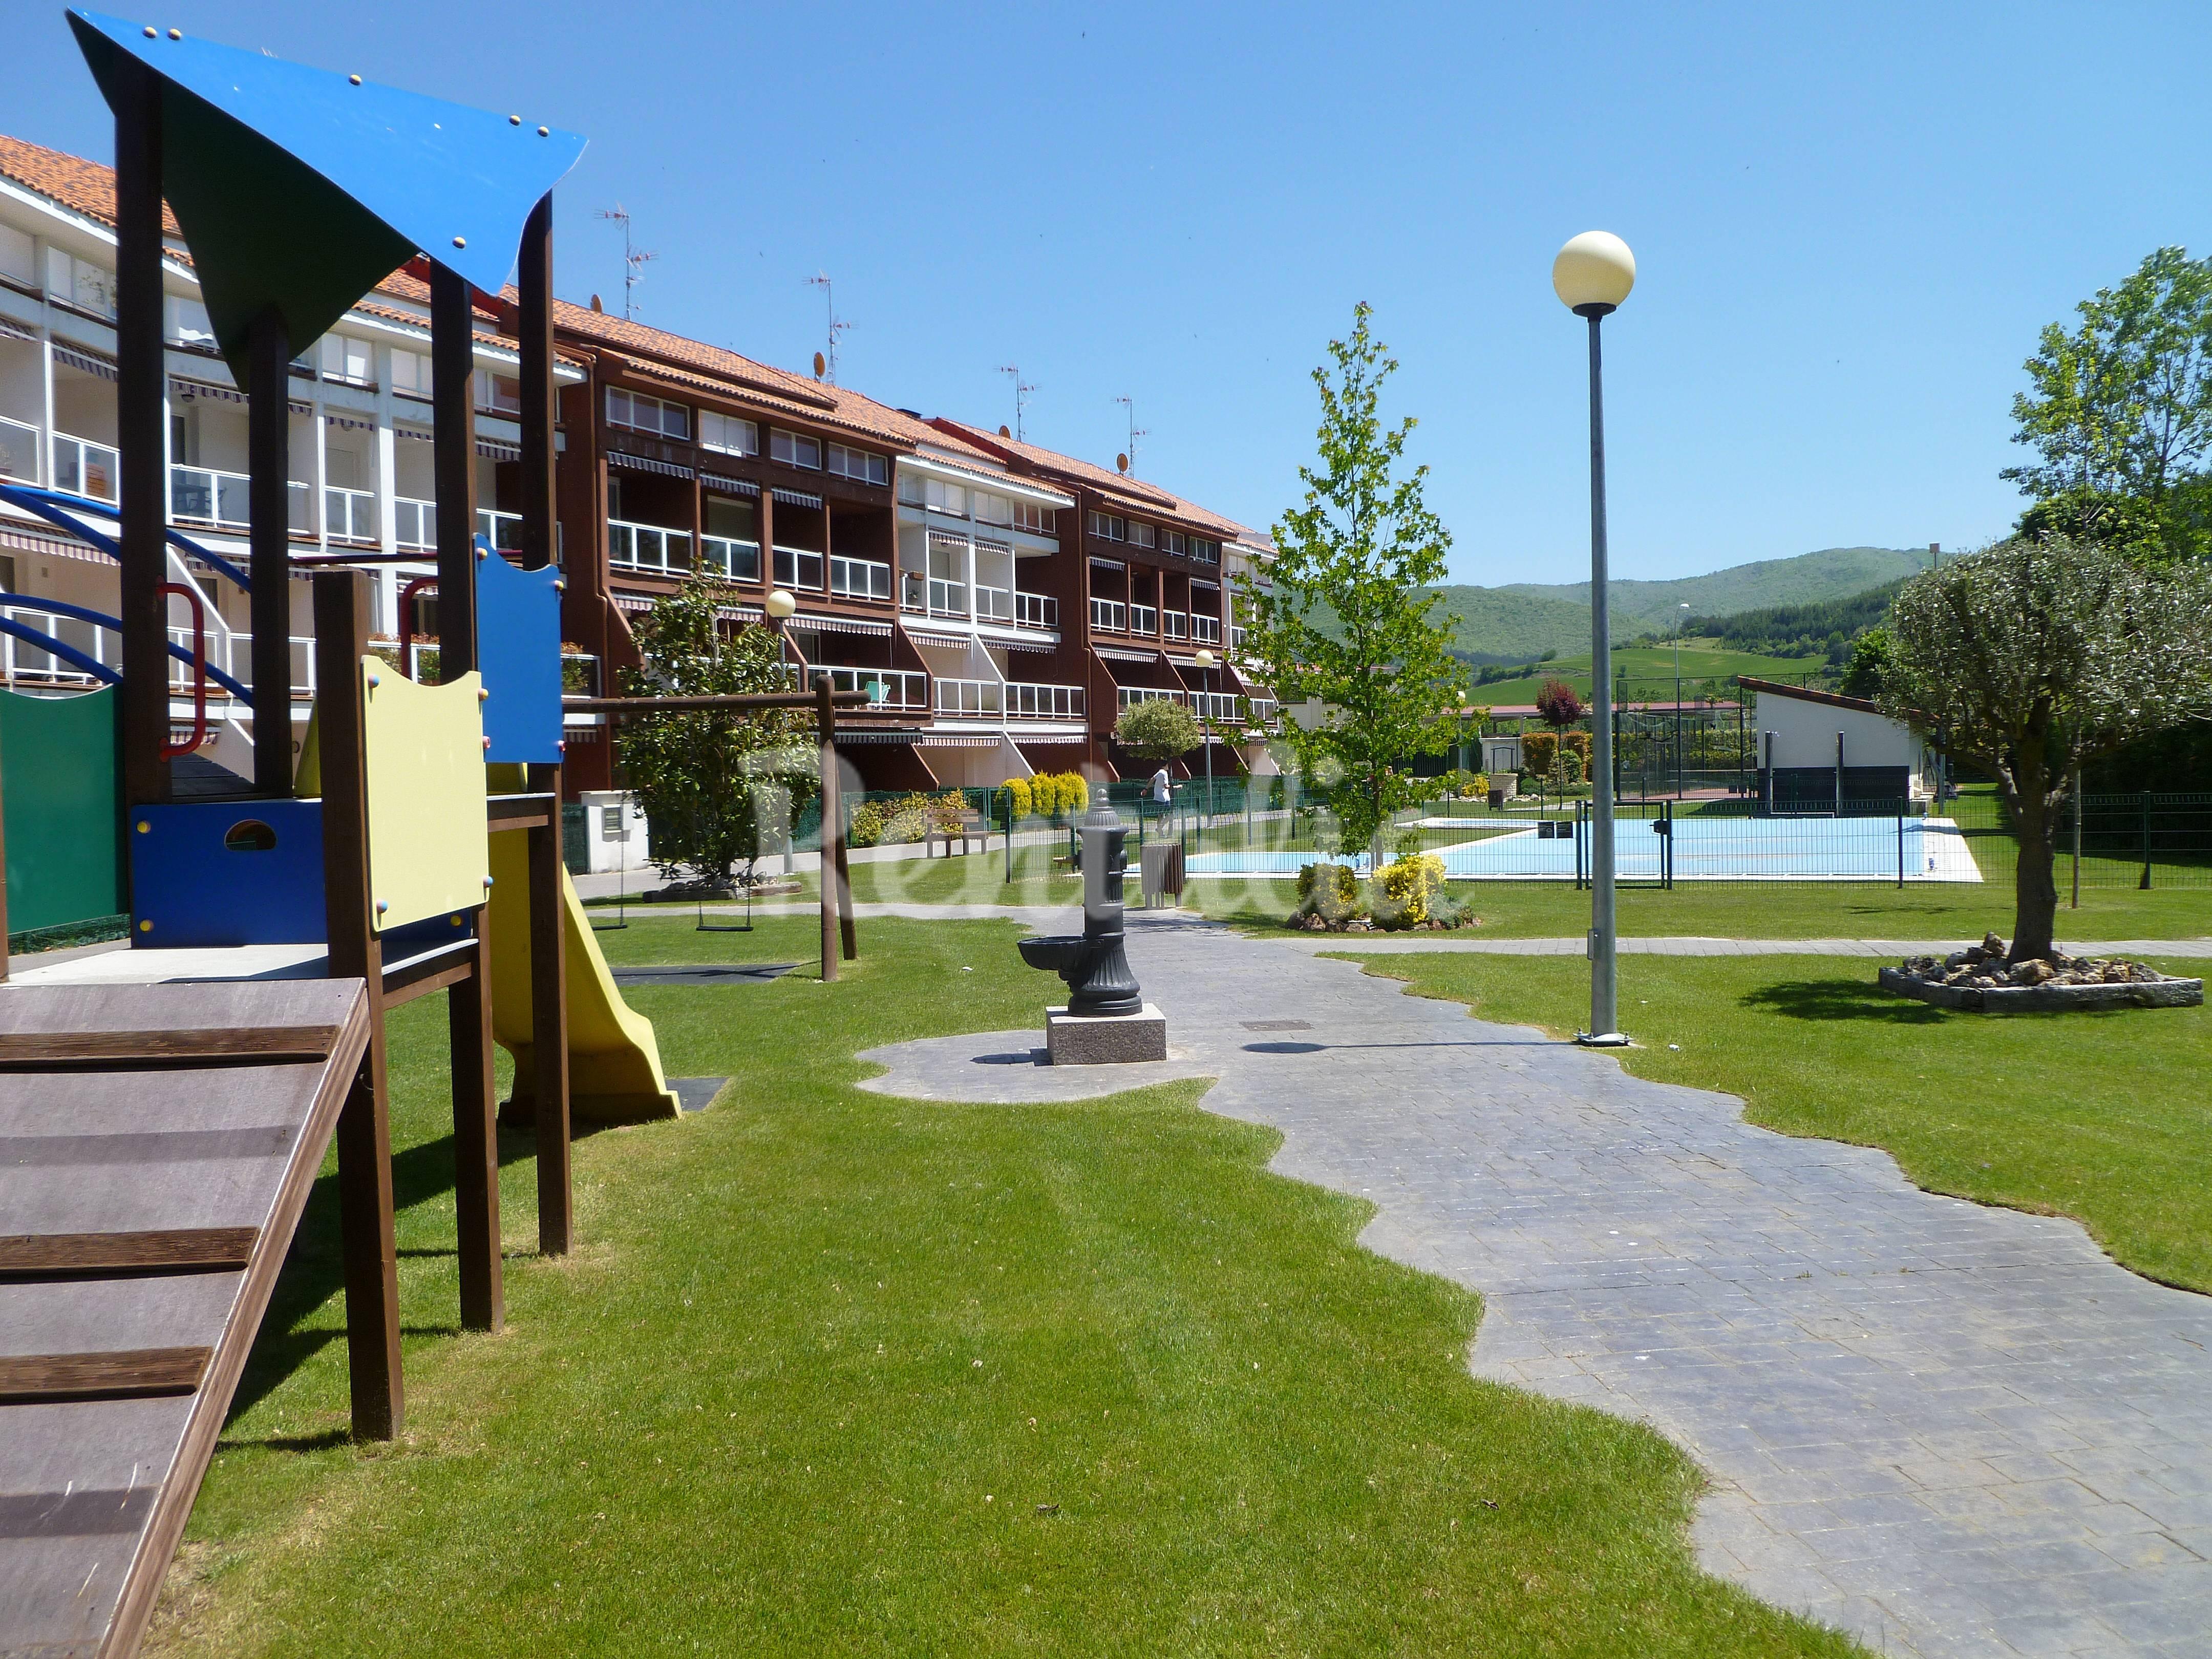 Casa con piscina y jardin en la rioja santurde de rioja for Camping en la rioja con piscina